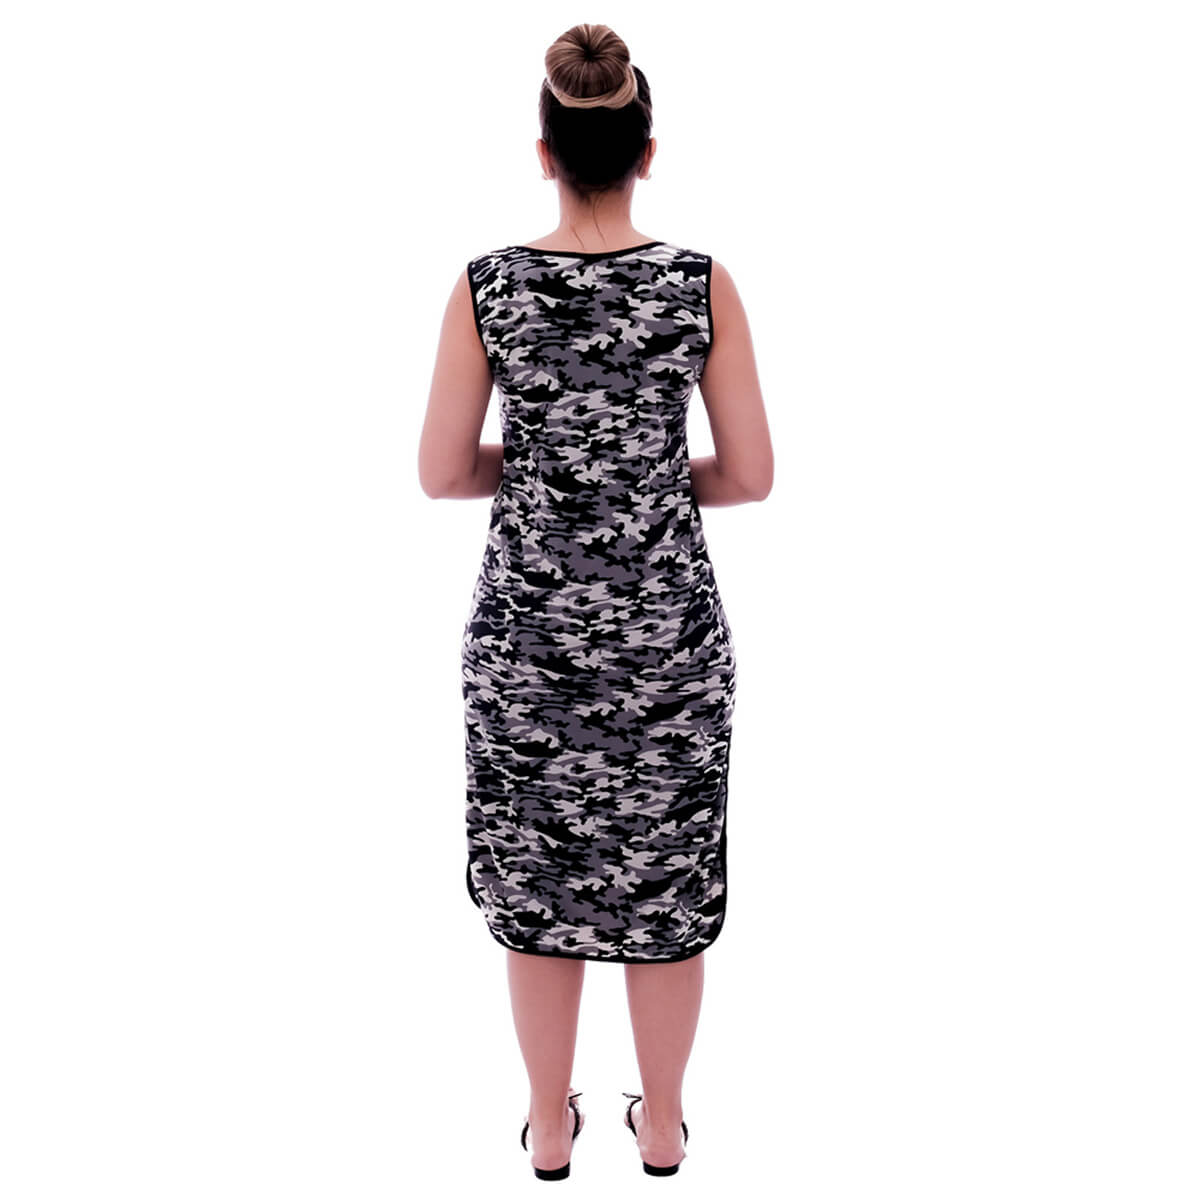 Camisola Feminina Longuete de Alça com Viés Preto em Estampa Militar Camuflada